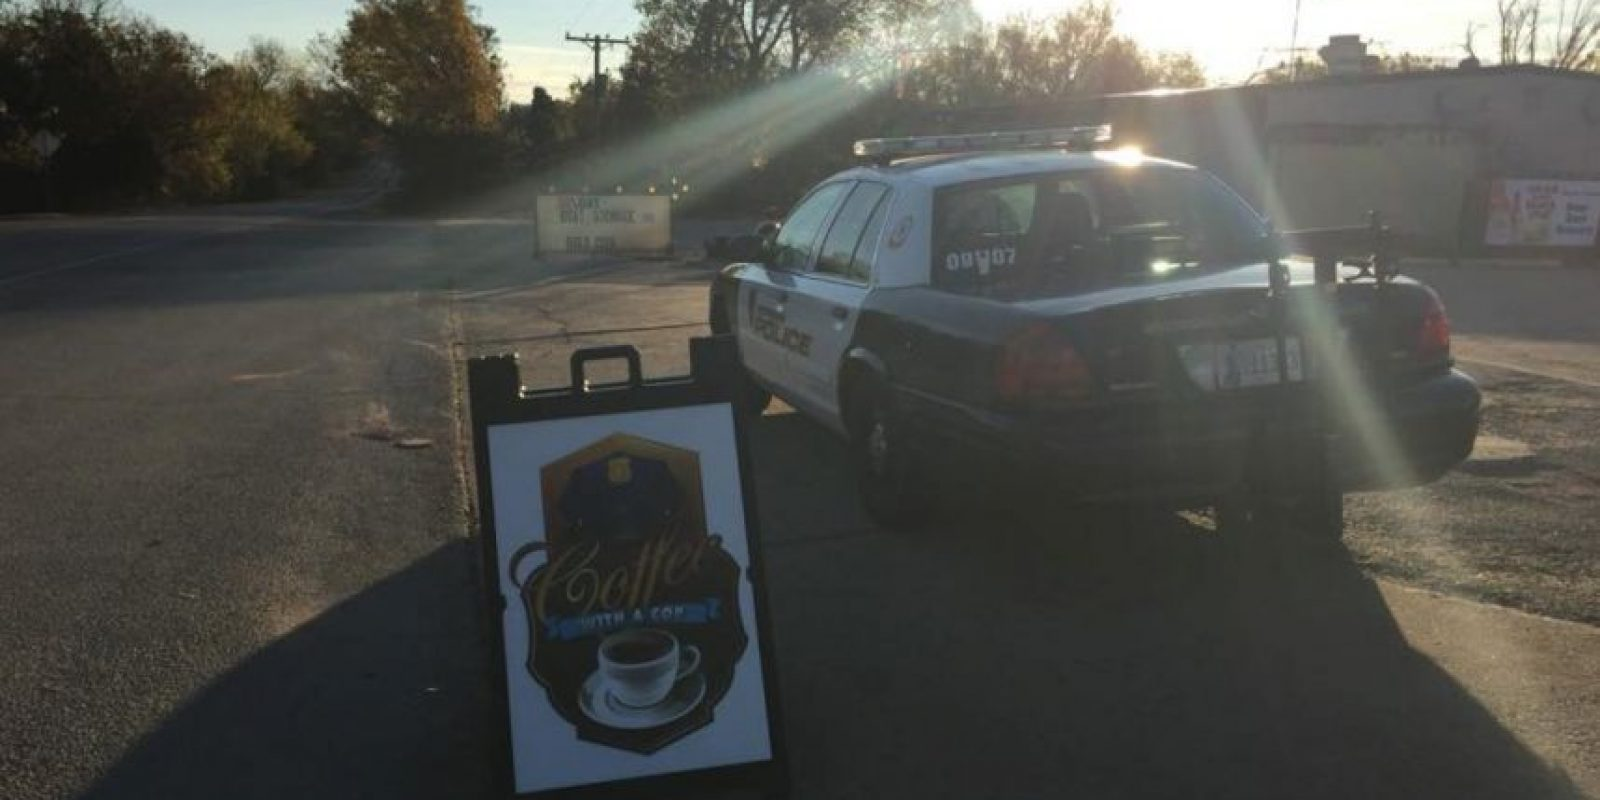 Luego de ser rescatado, estuvo al cuidado del Departamento de Policía. Foto:Vía facebook.com/City-of-Norman-OK-Police-Department